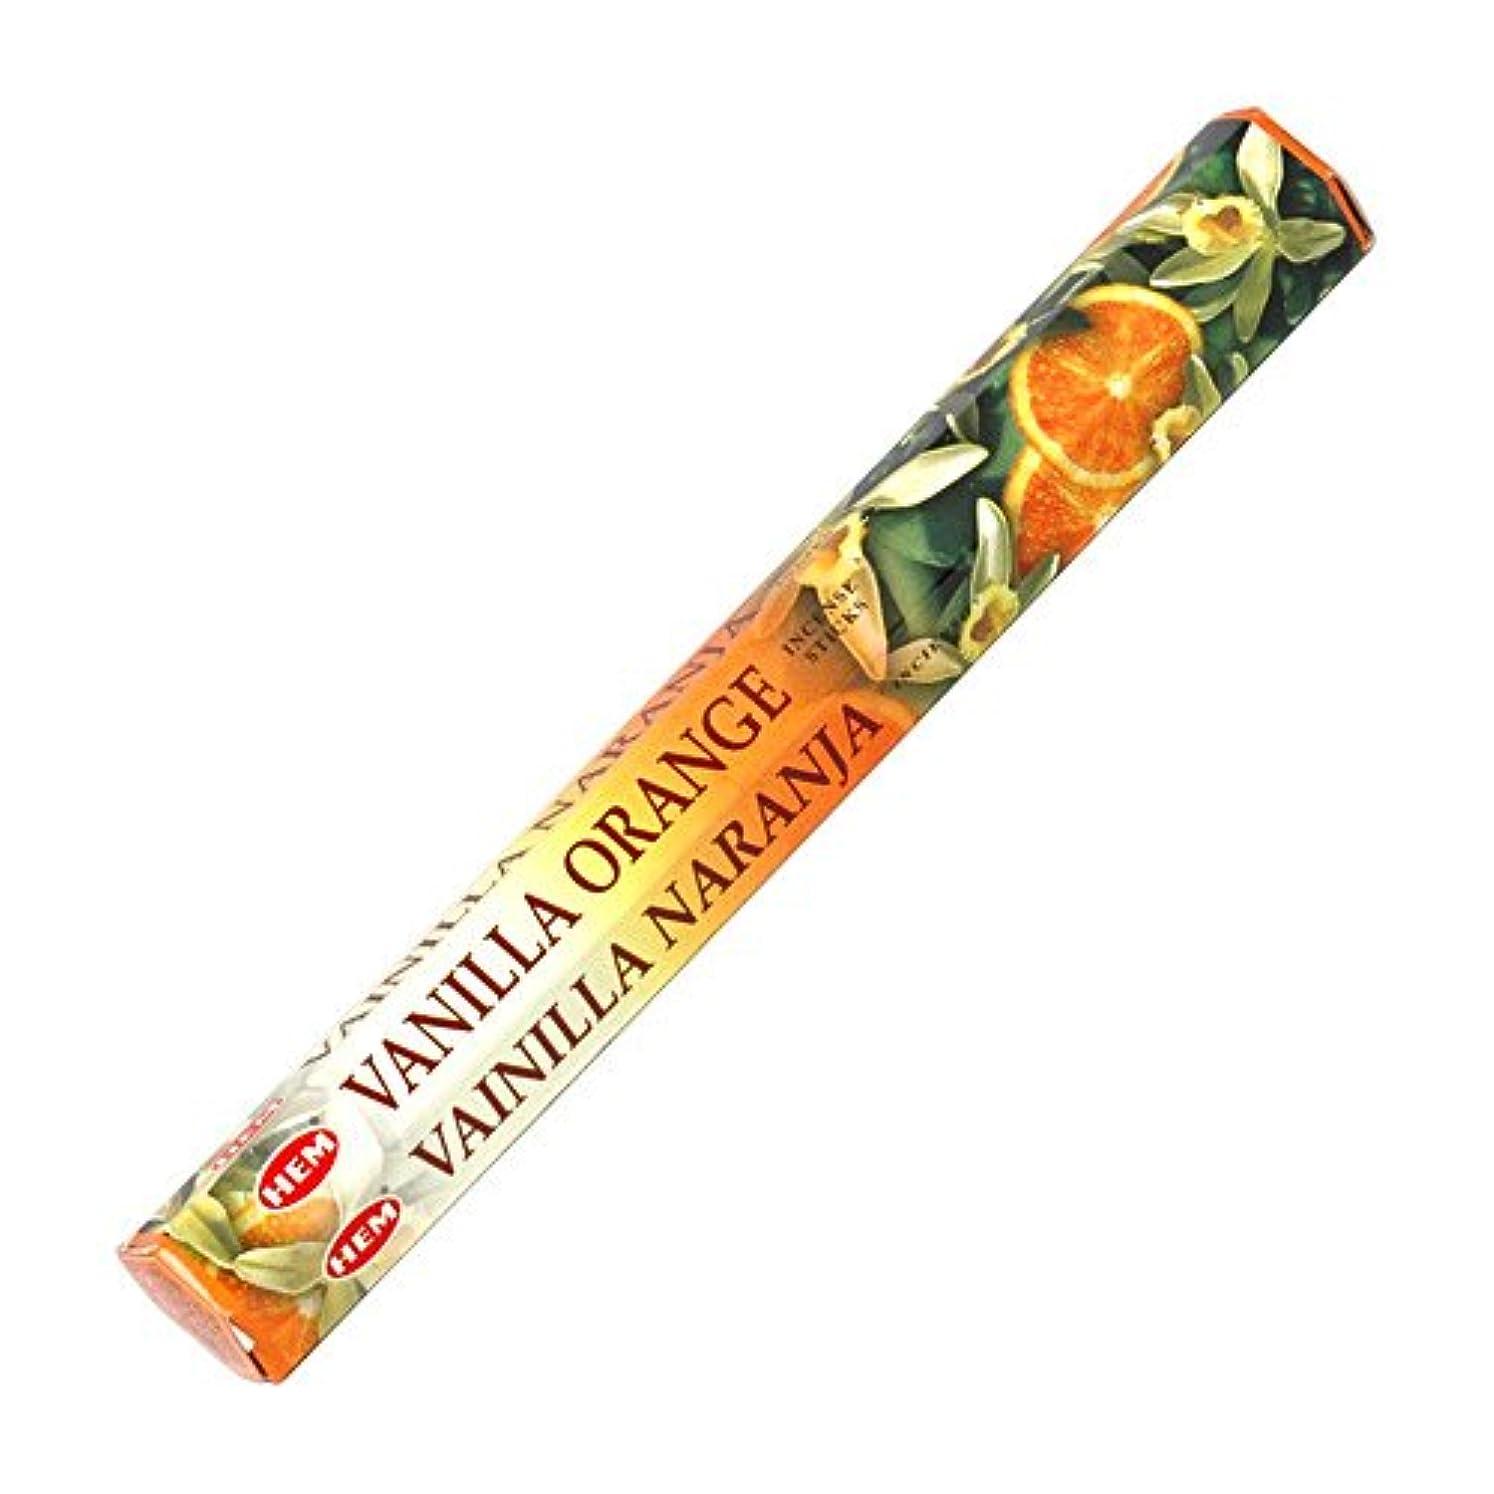 目を覚ます慈悲カリング【HEM/ヘム】《バニラ?オレンジ》へキサパック/インド/お香/インセンス/スティック/6角(20本入)×1箱